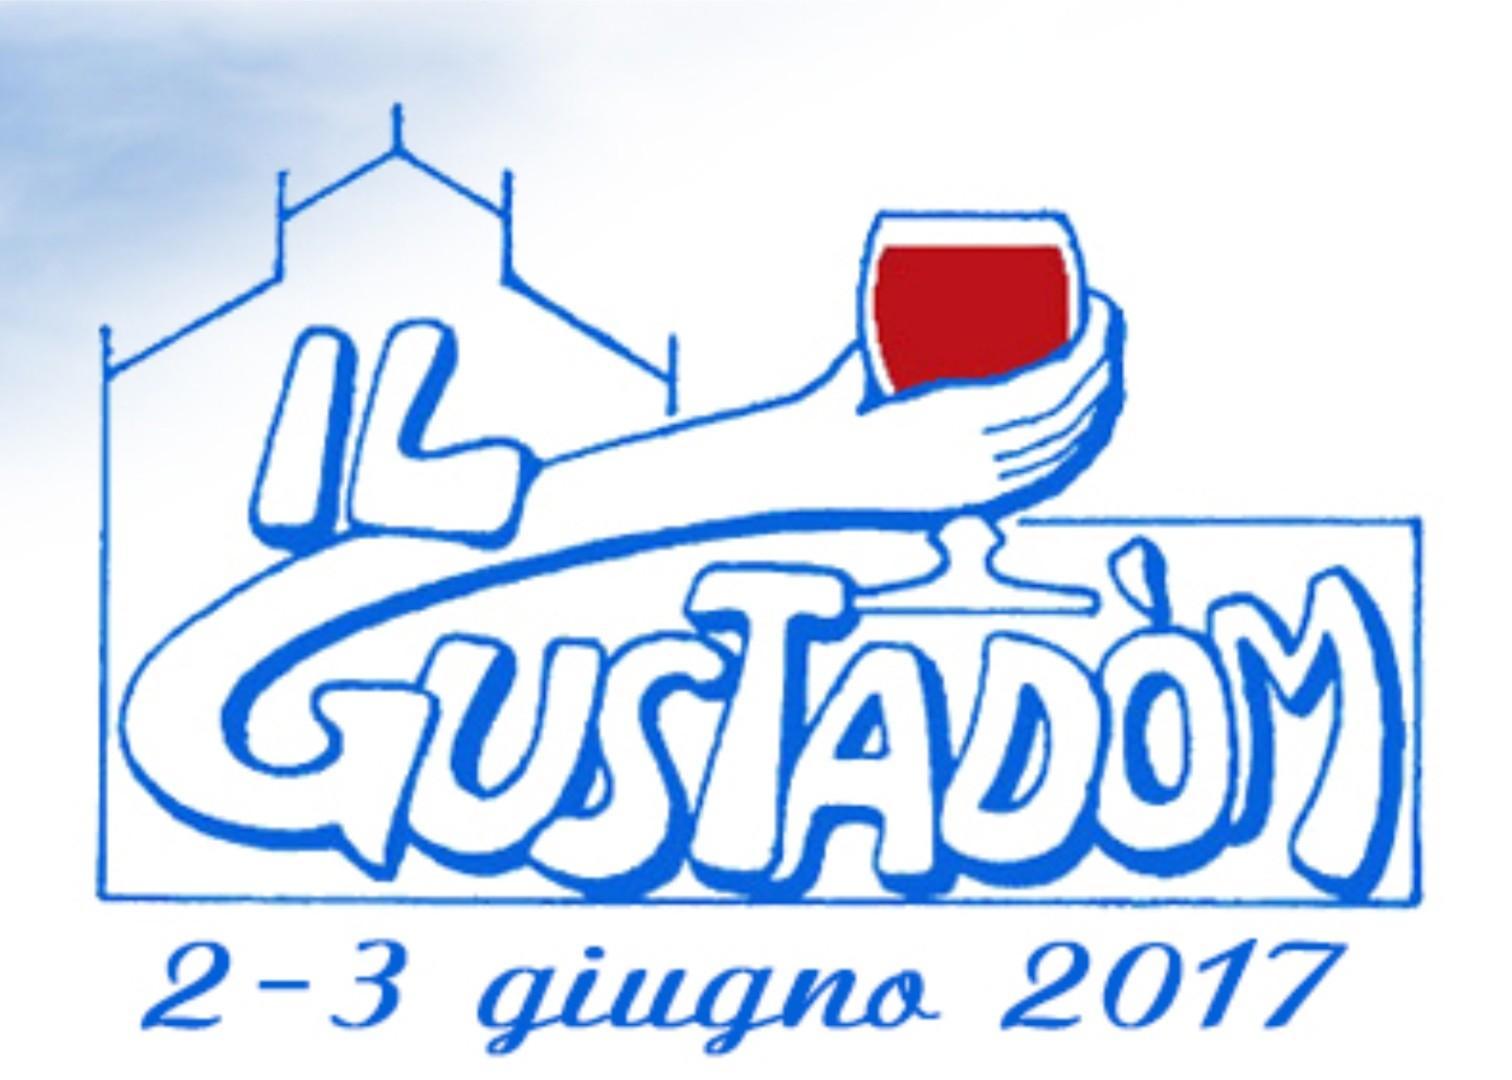 Il Gustadòm